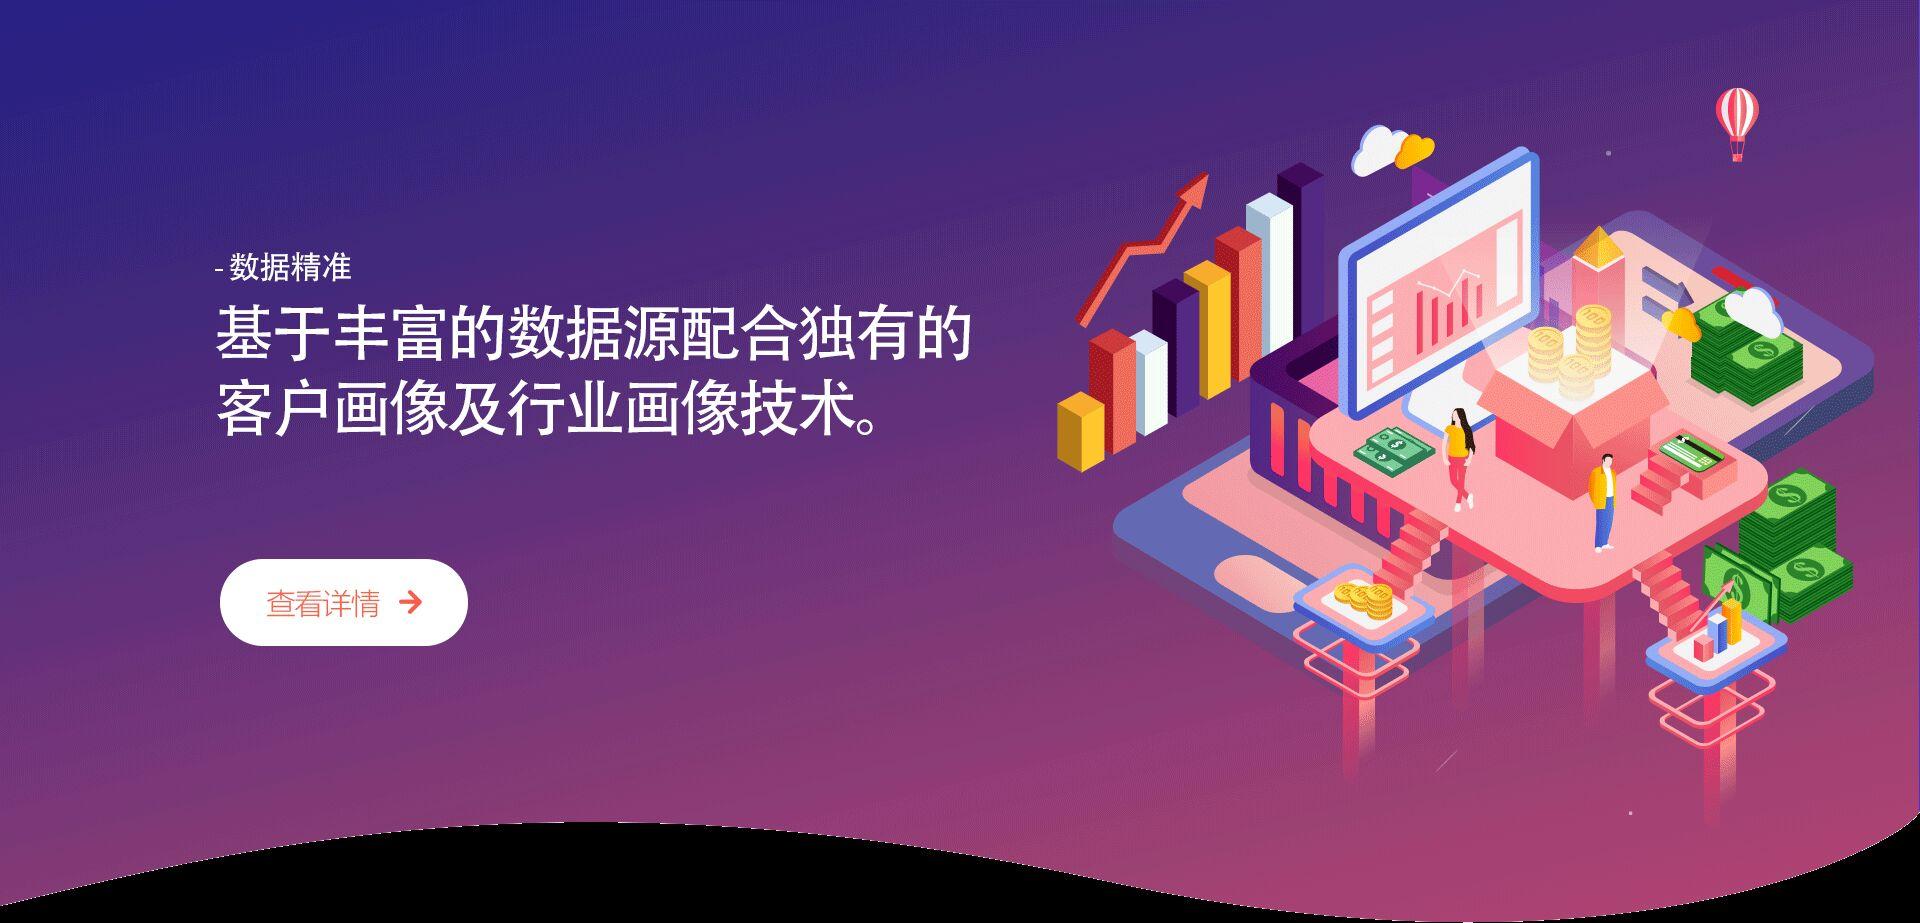 精准客户公司_精准客户数据相关-上海琥源科技有限公司